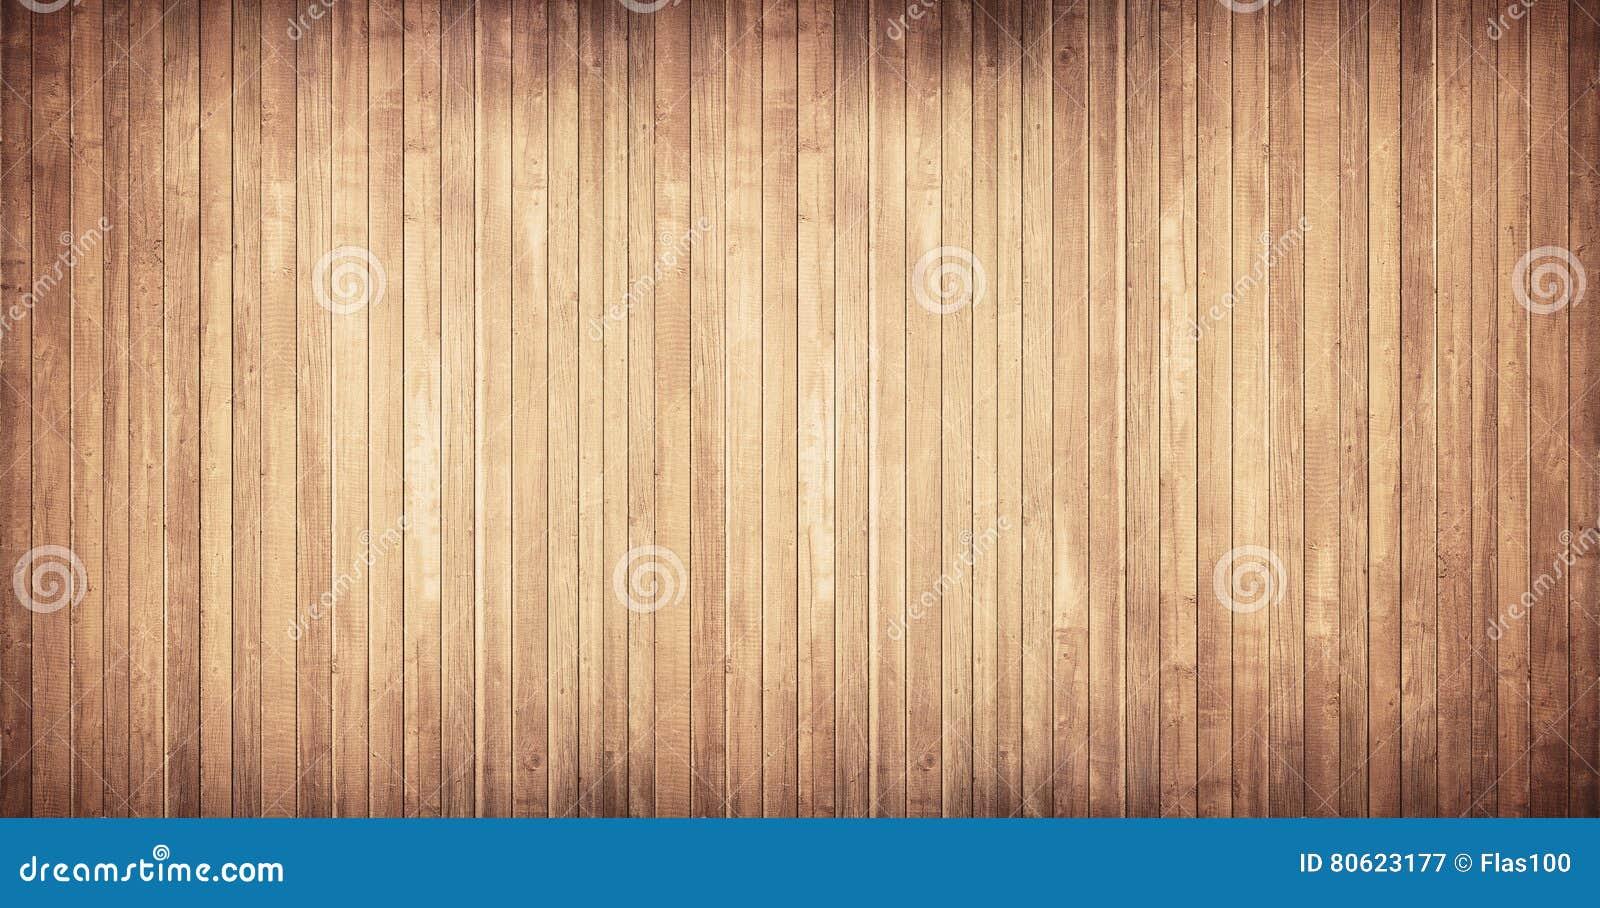 Planken Voor Aan De Wand.Holzerne Planken Browns Wand Tischplatte Fussbodenbelag Stockbild